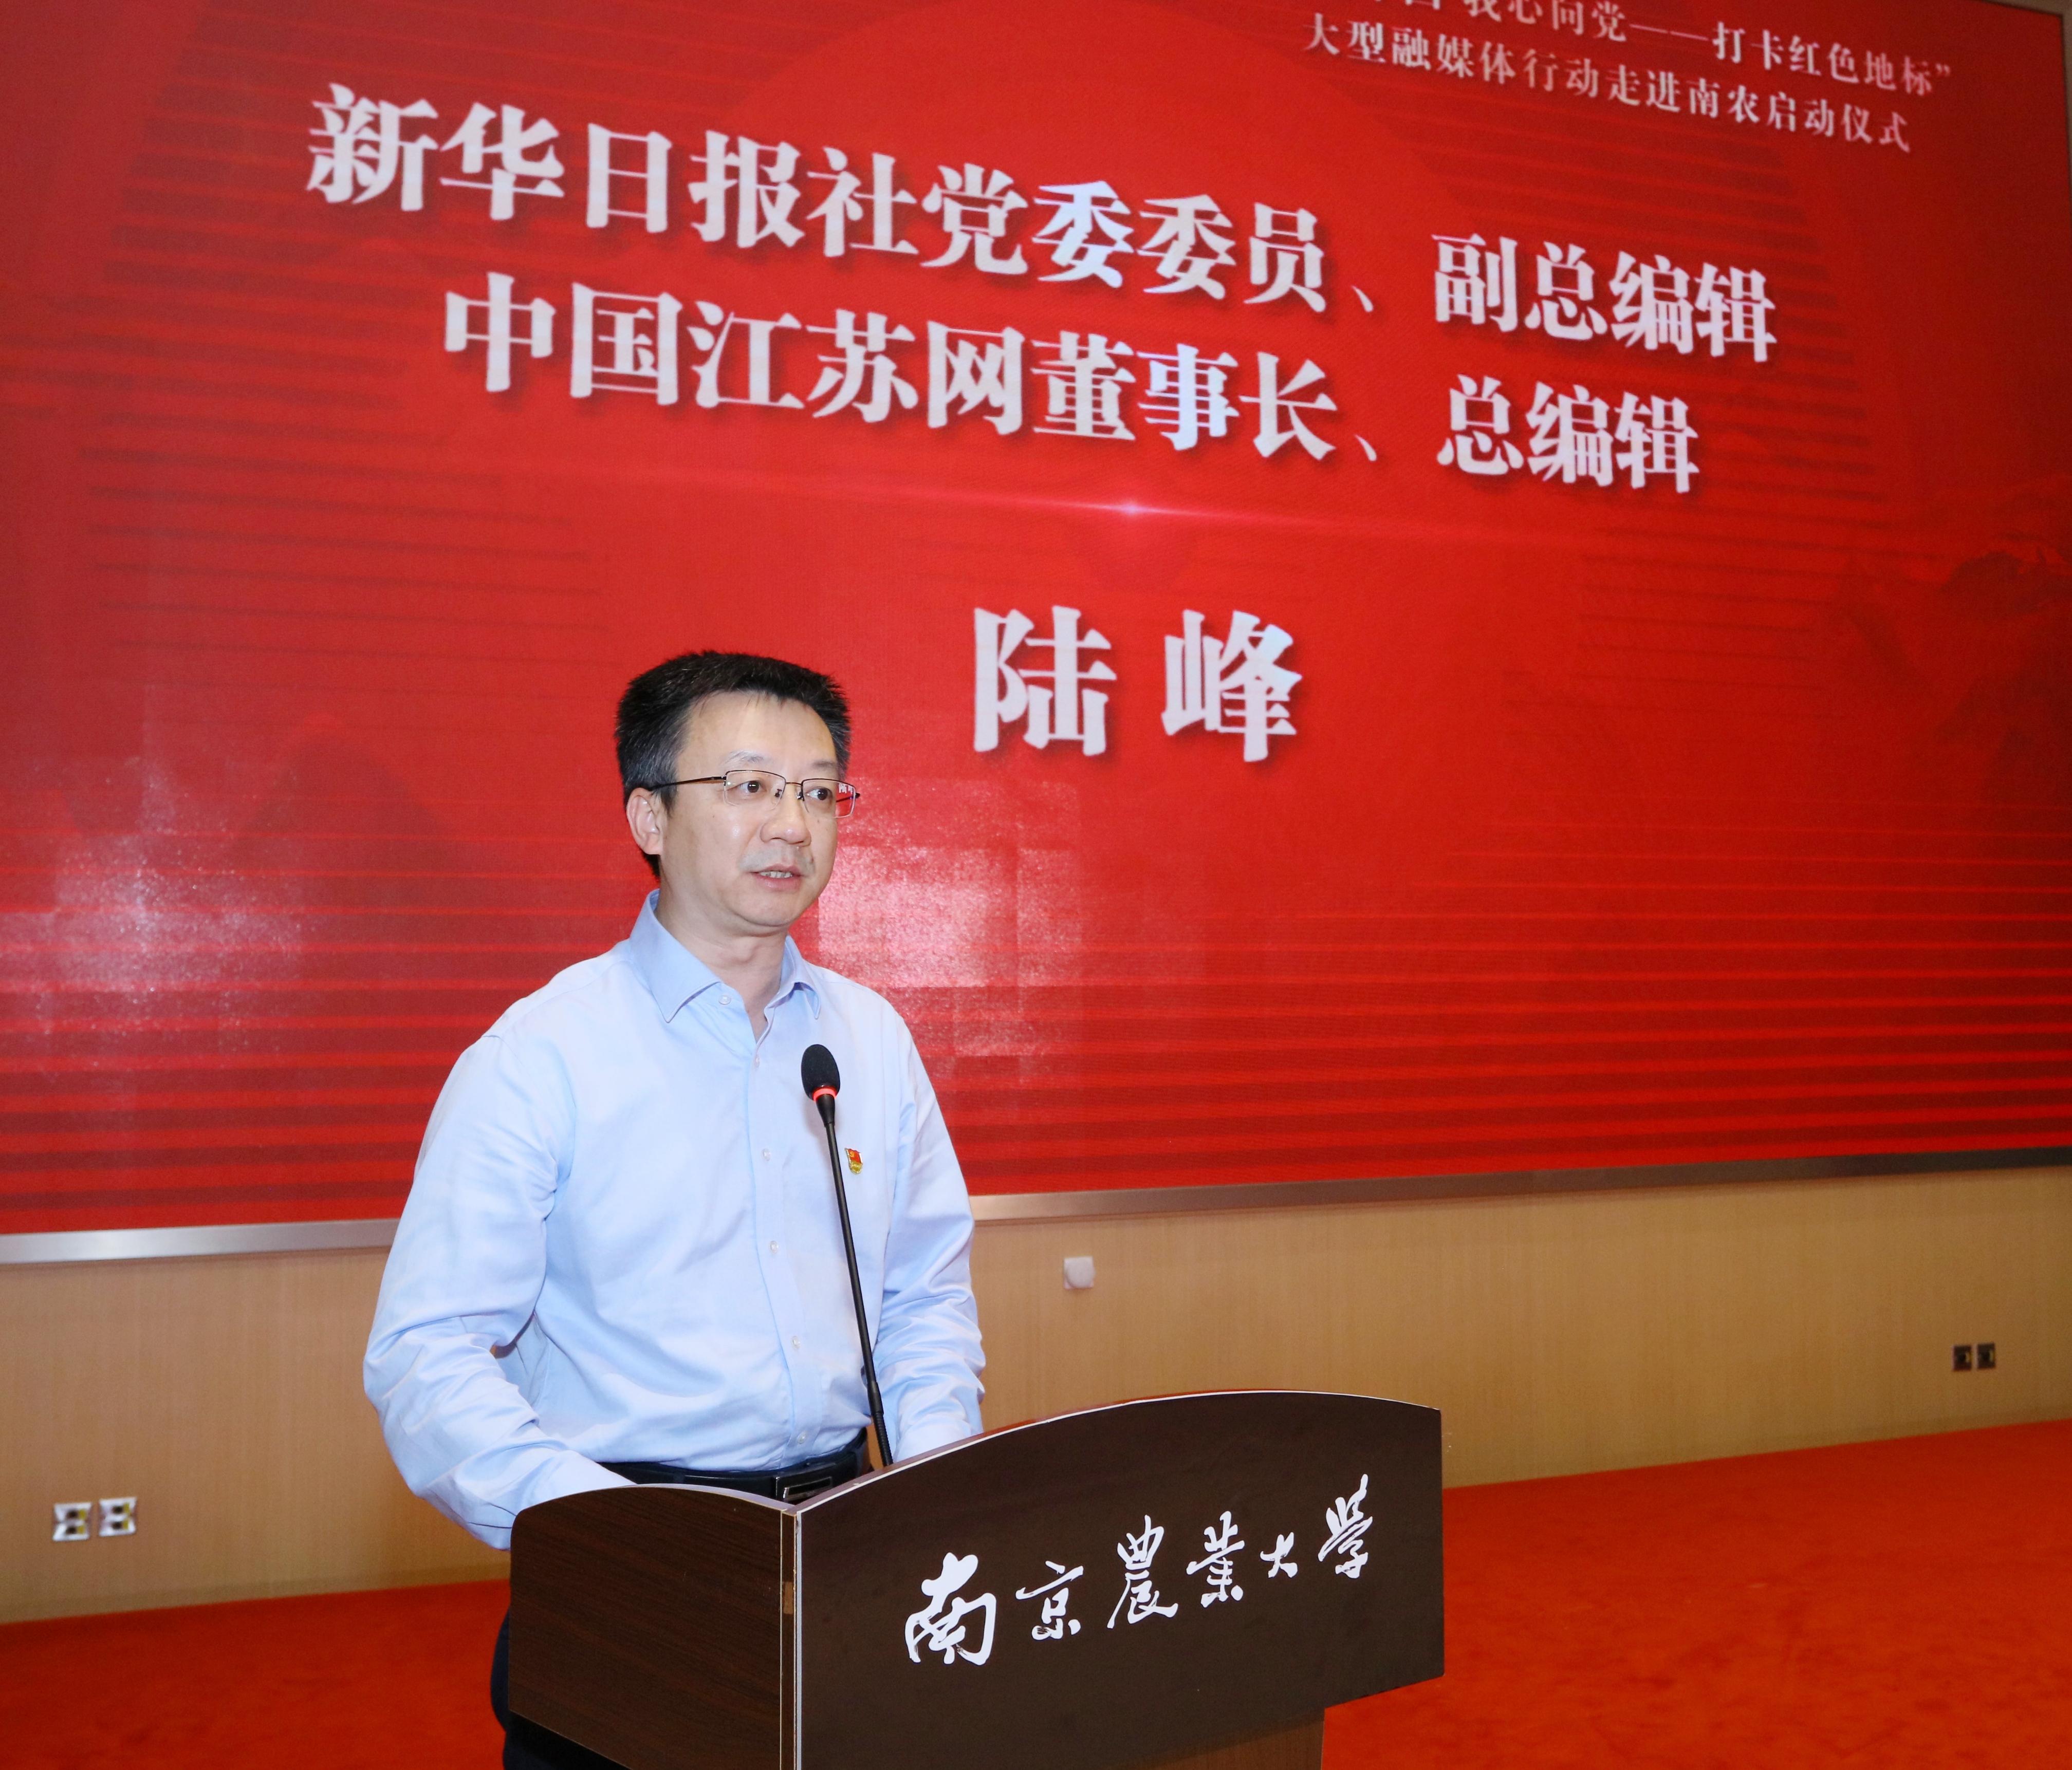 新华日报社党委委员、副总编辑、中国江苏网董事长、总编辑陆峰致辞